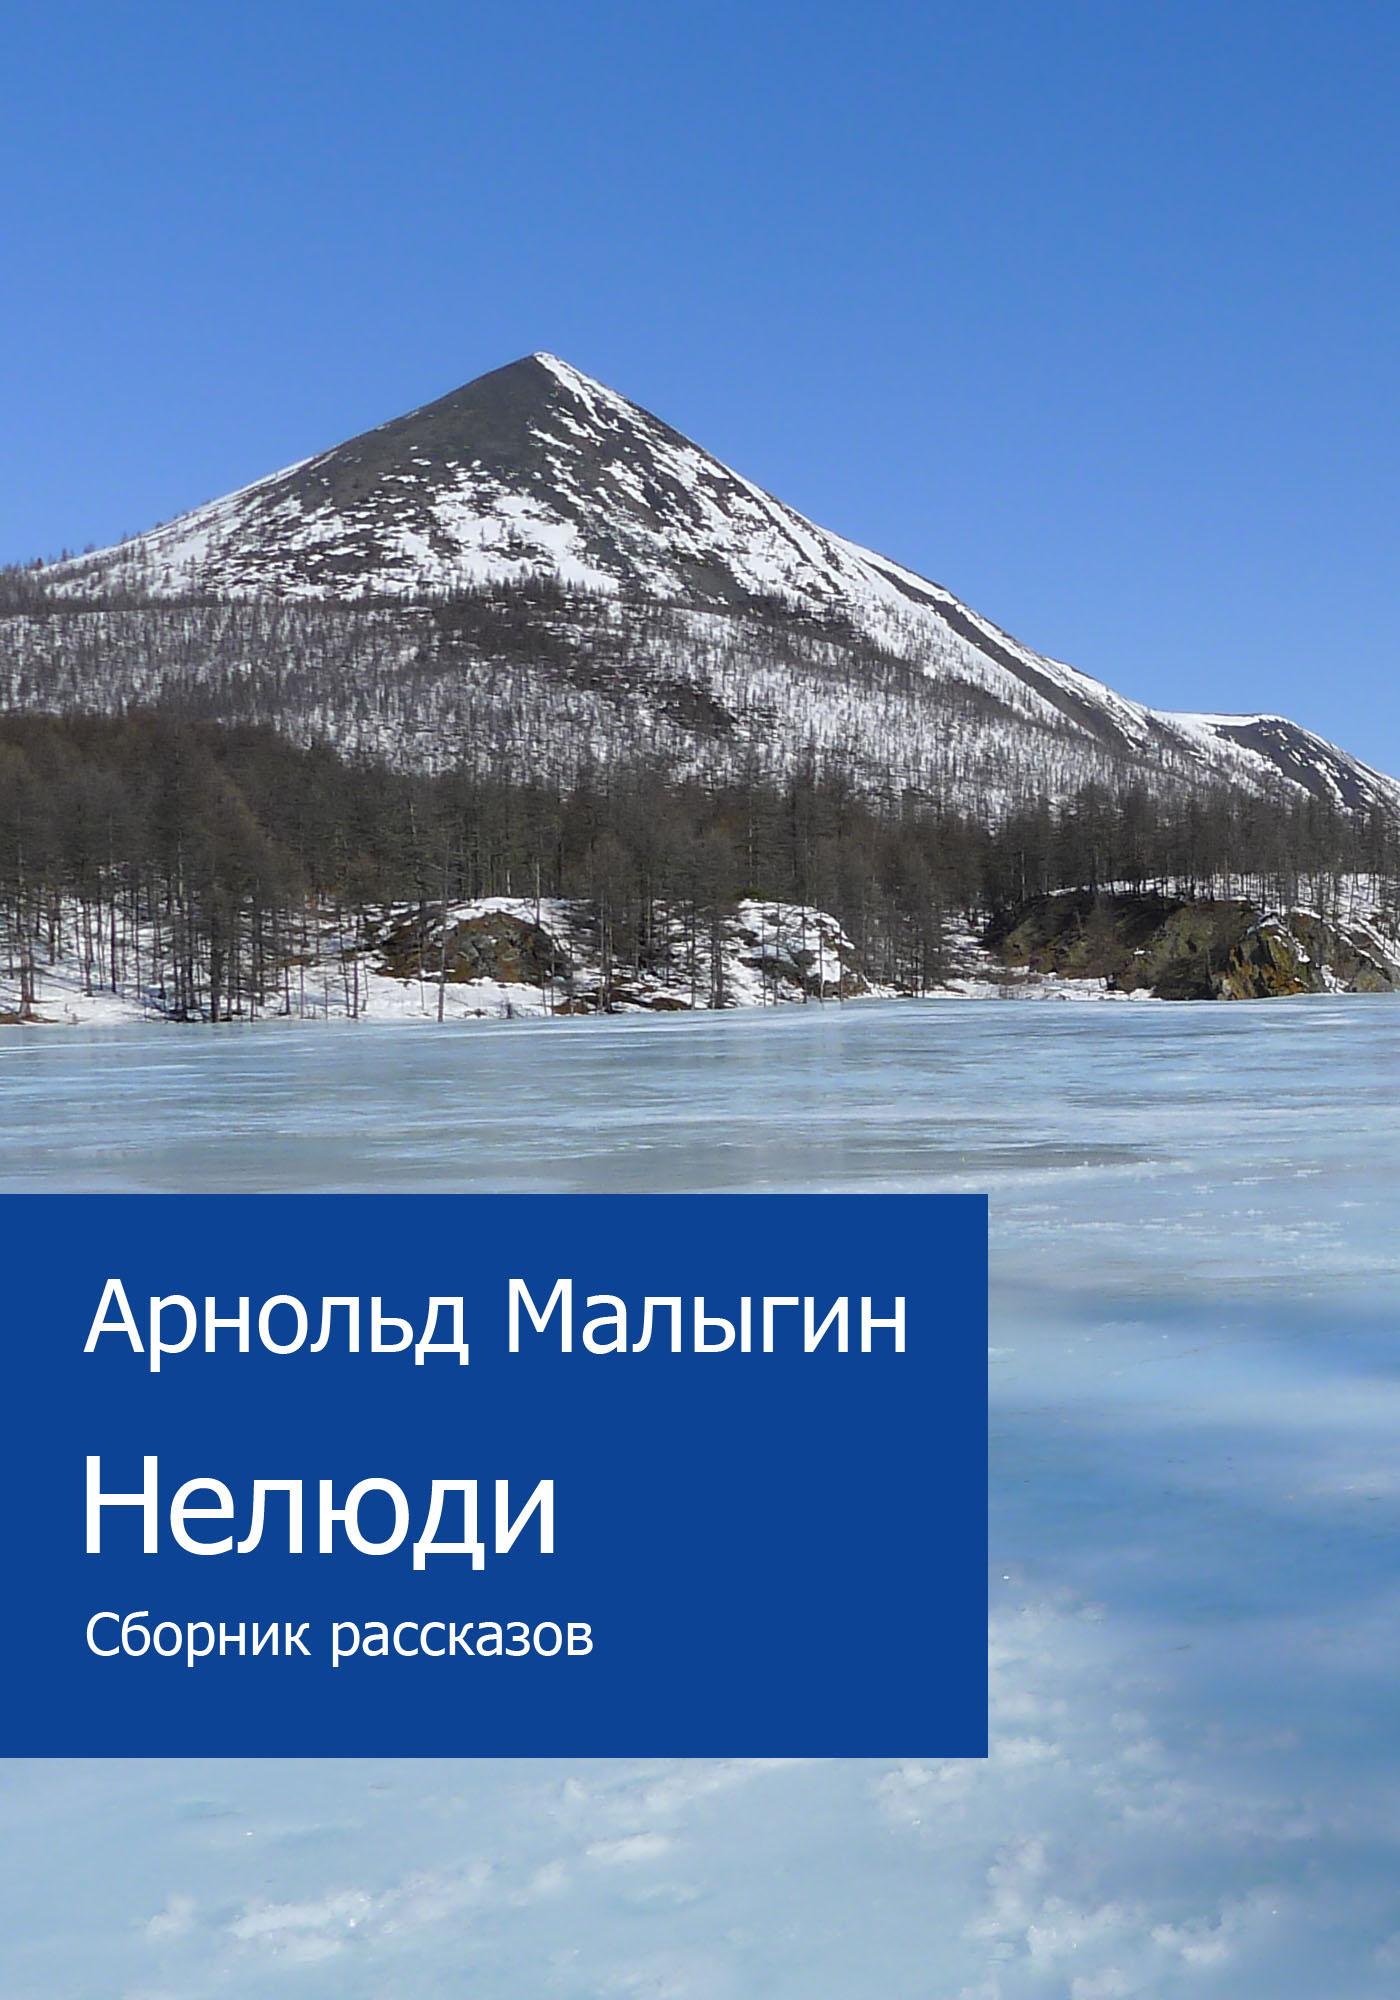 А. Г. Малыгин Нелюди (сборник)